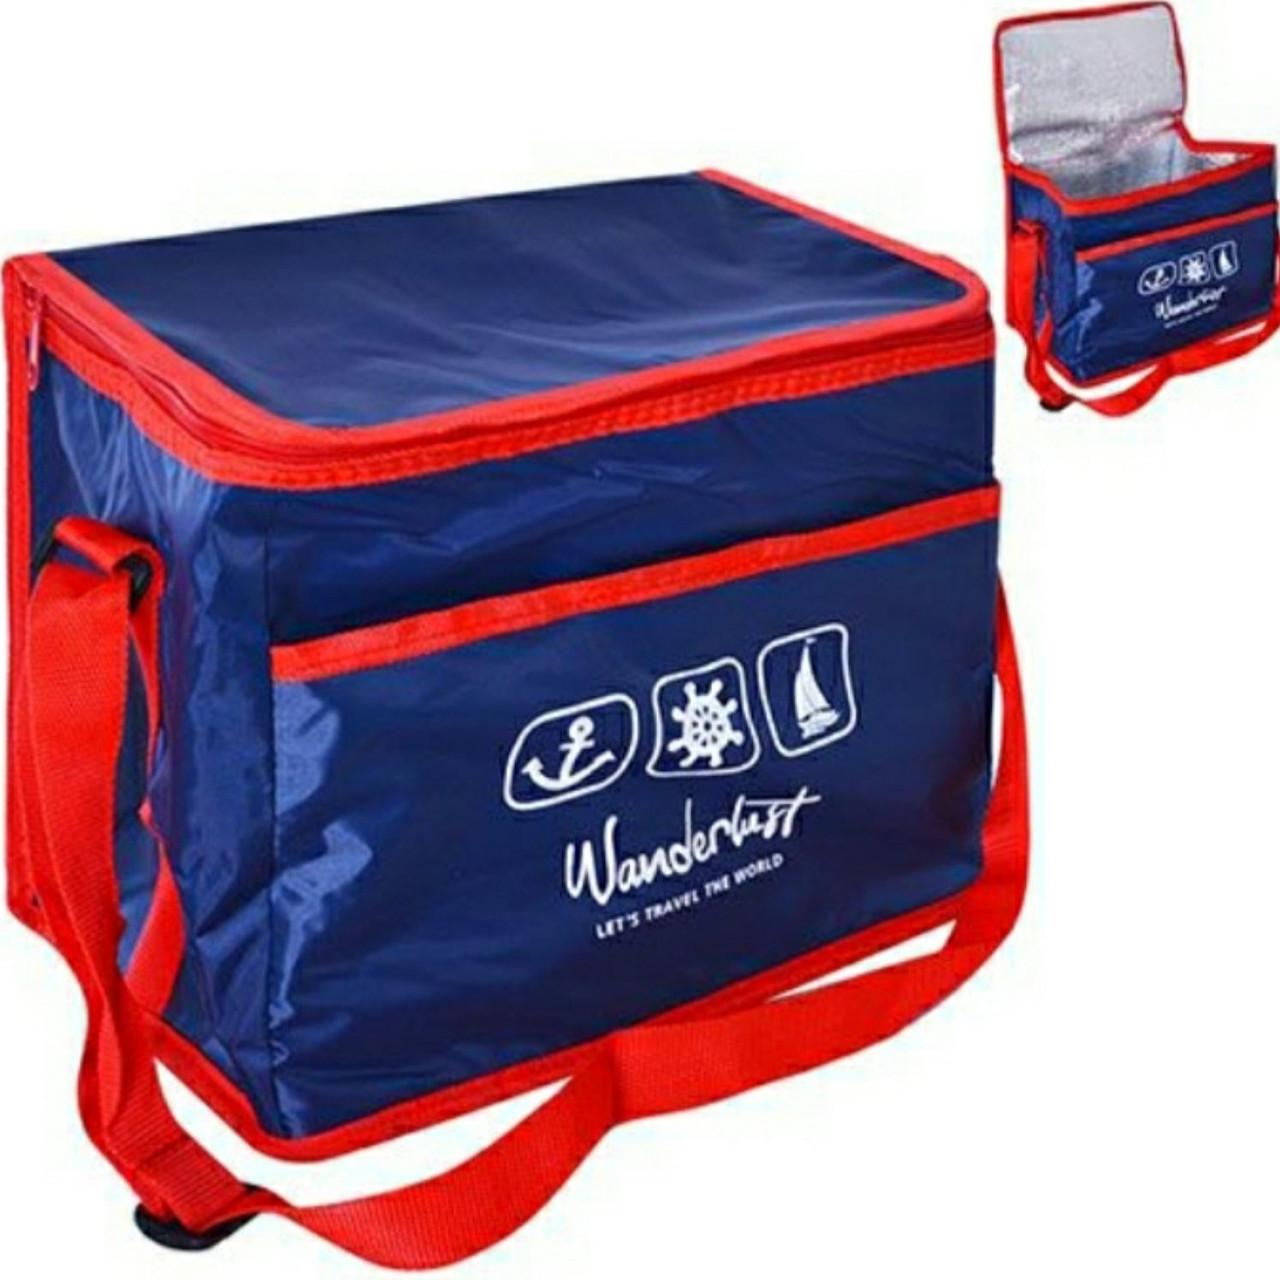 Термосумка (сумка-холодильник, термобокс) для еды и бутылок большая 18 л Wanderlust